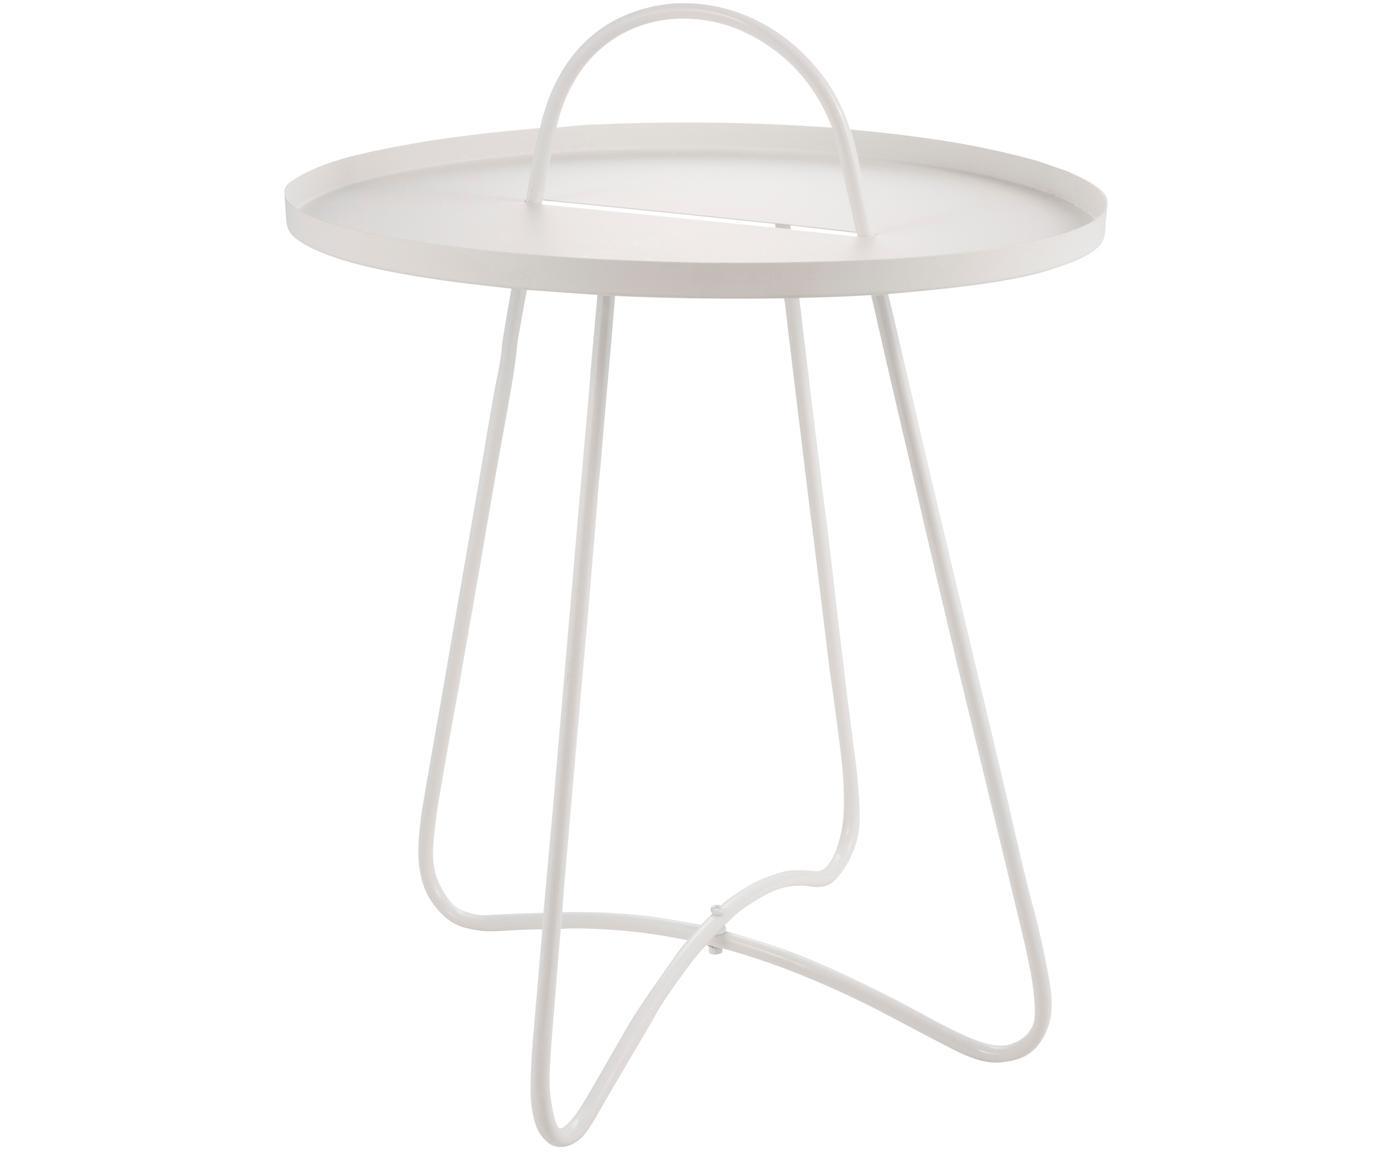 Stolik pomocniczy z metalu Pronto, Metal powlekany, Biały, Ø 46 x W 58 cm